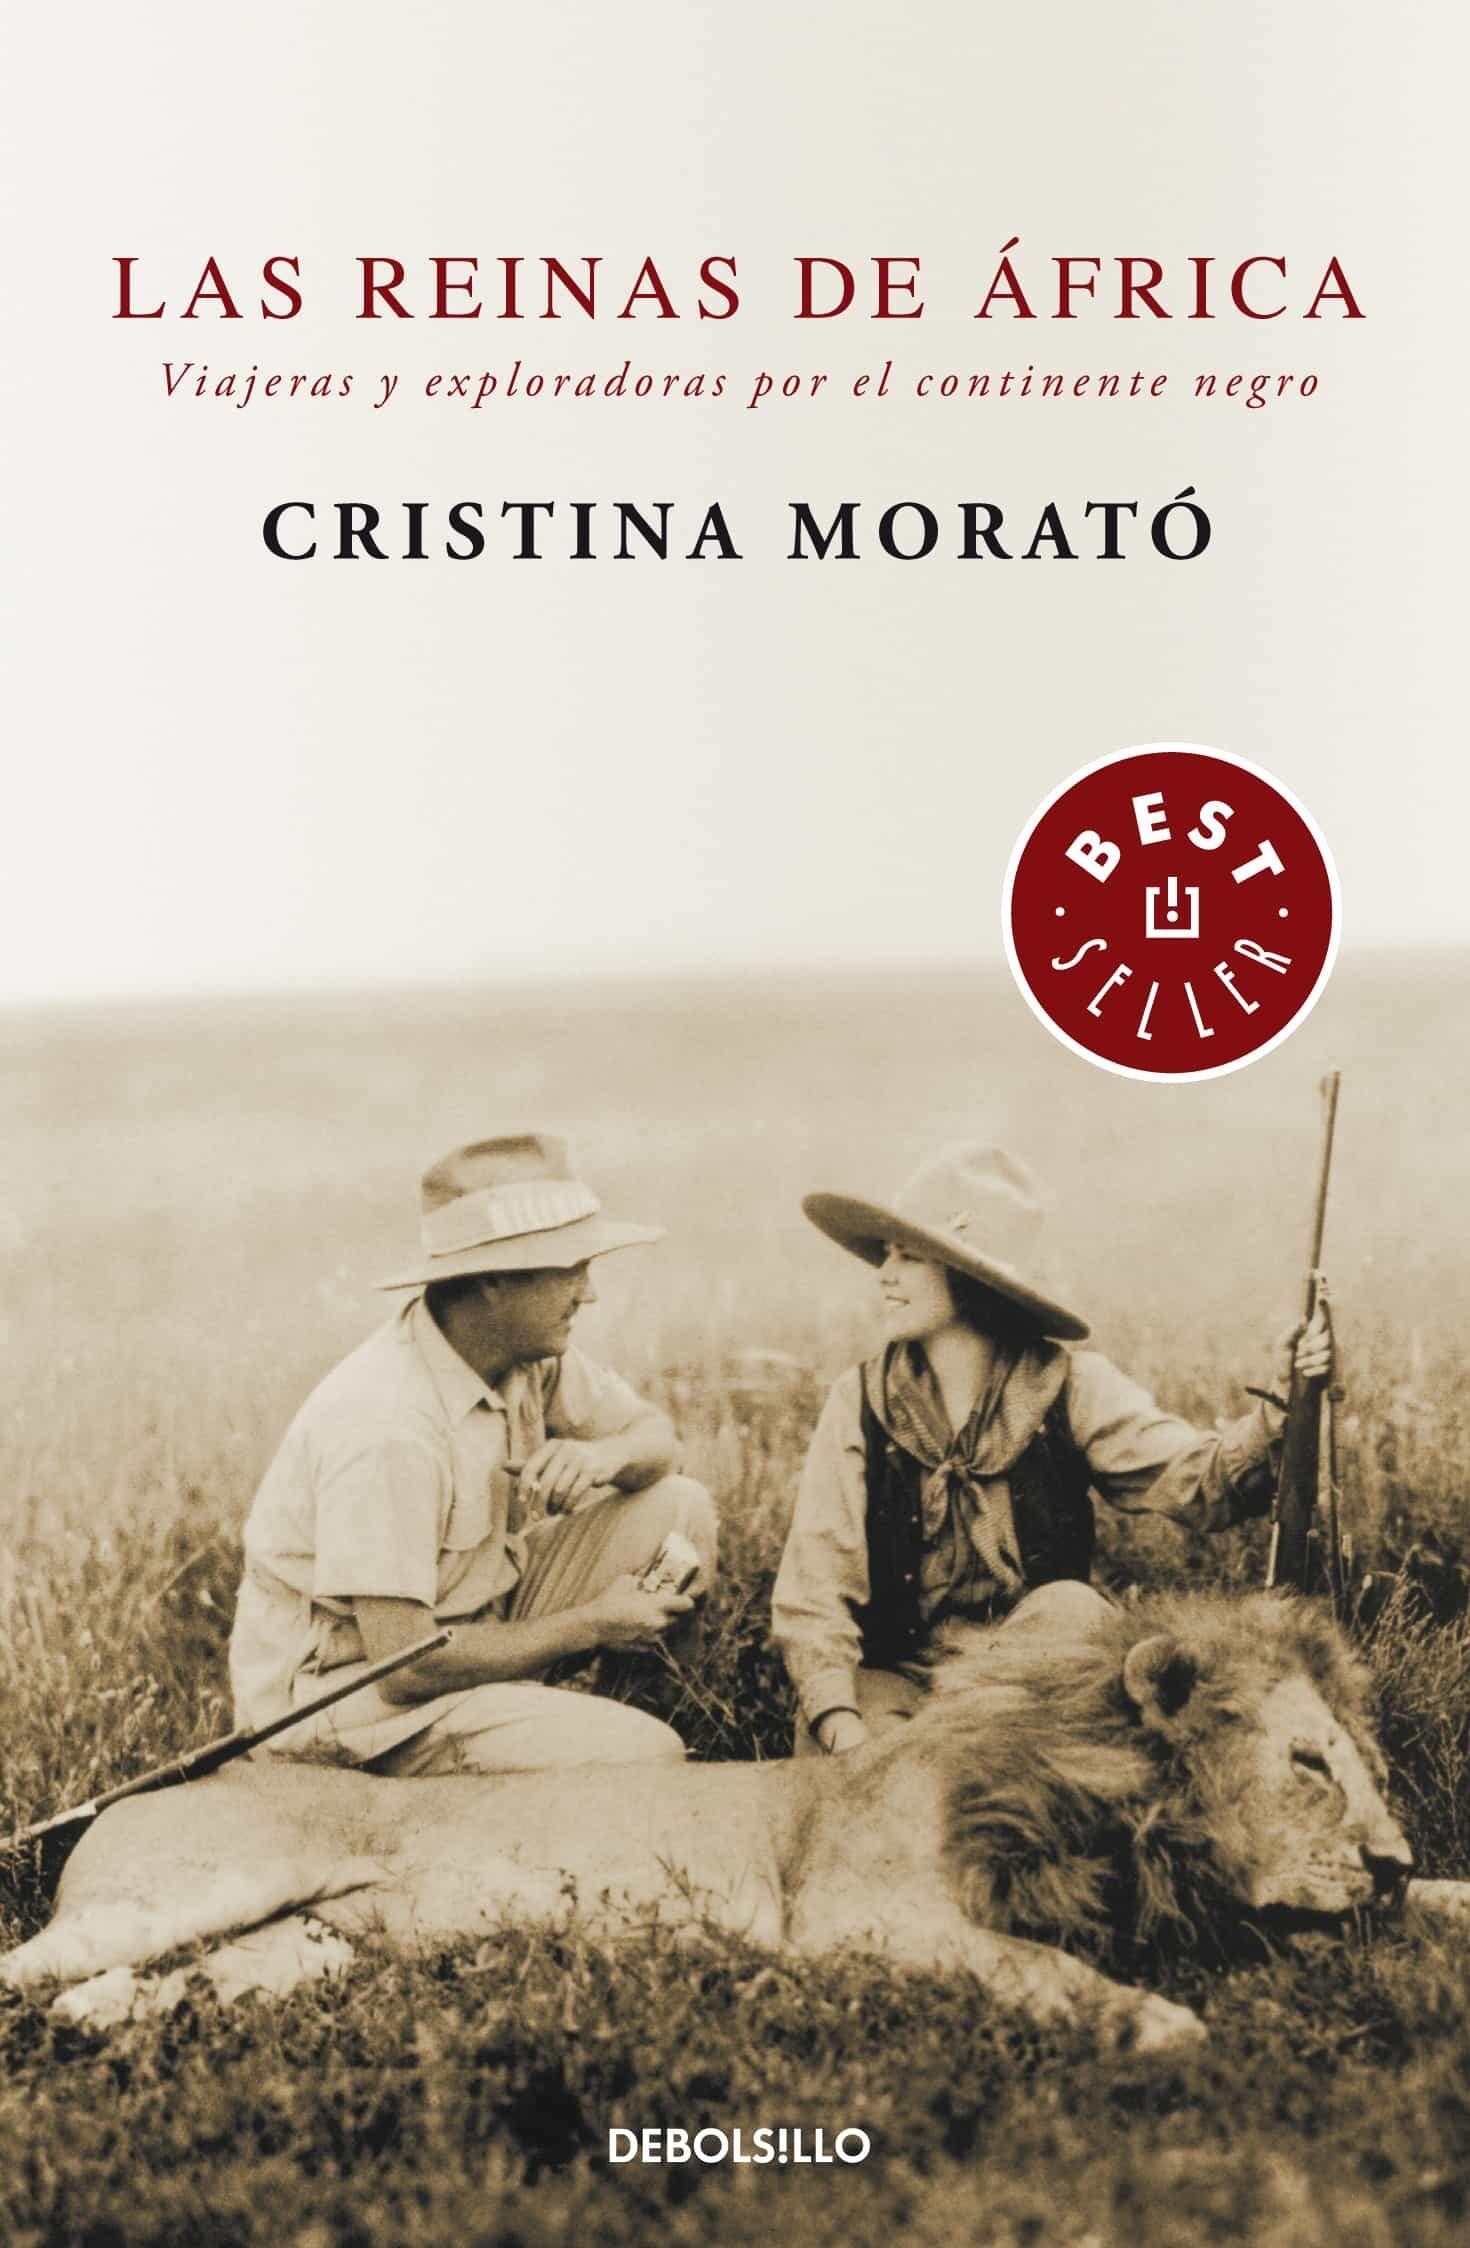 Las Reinas De Africa: Viajeras Y Exploradoras Por El Continente N Egro por Cristina Morato